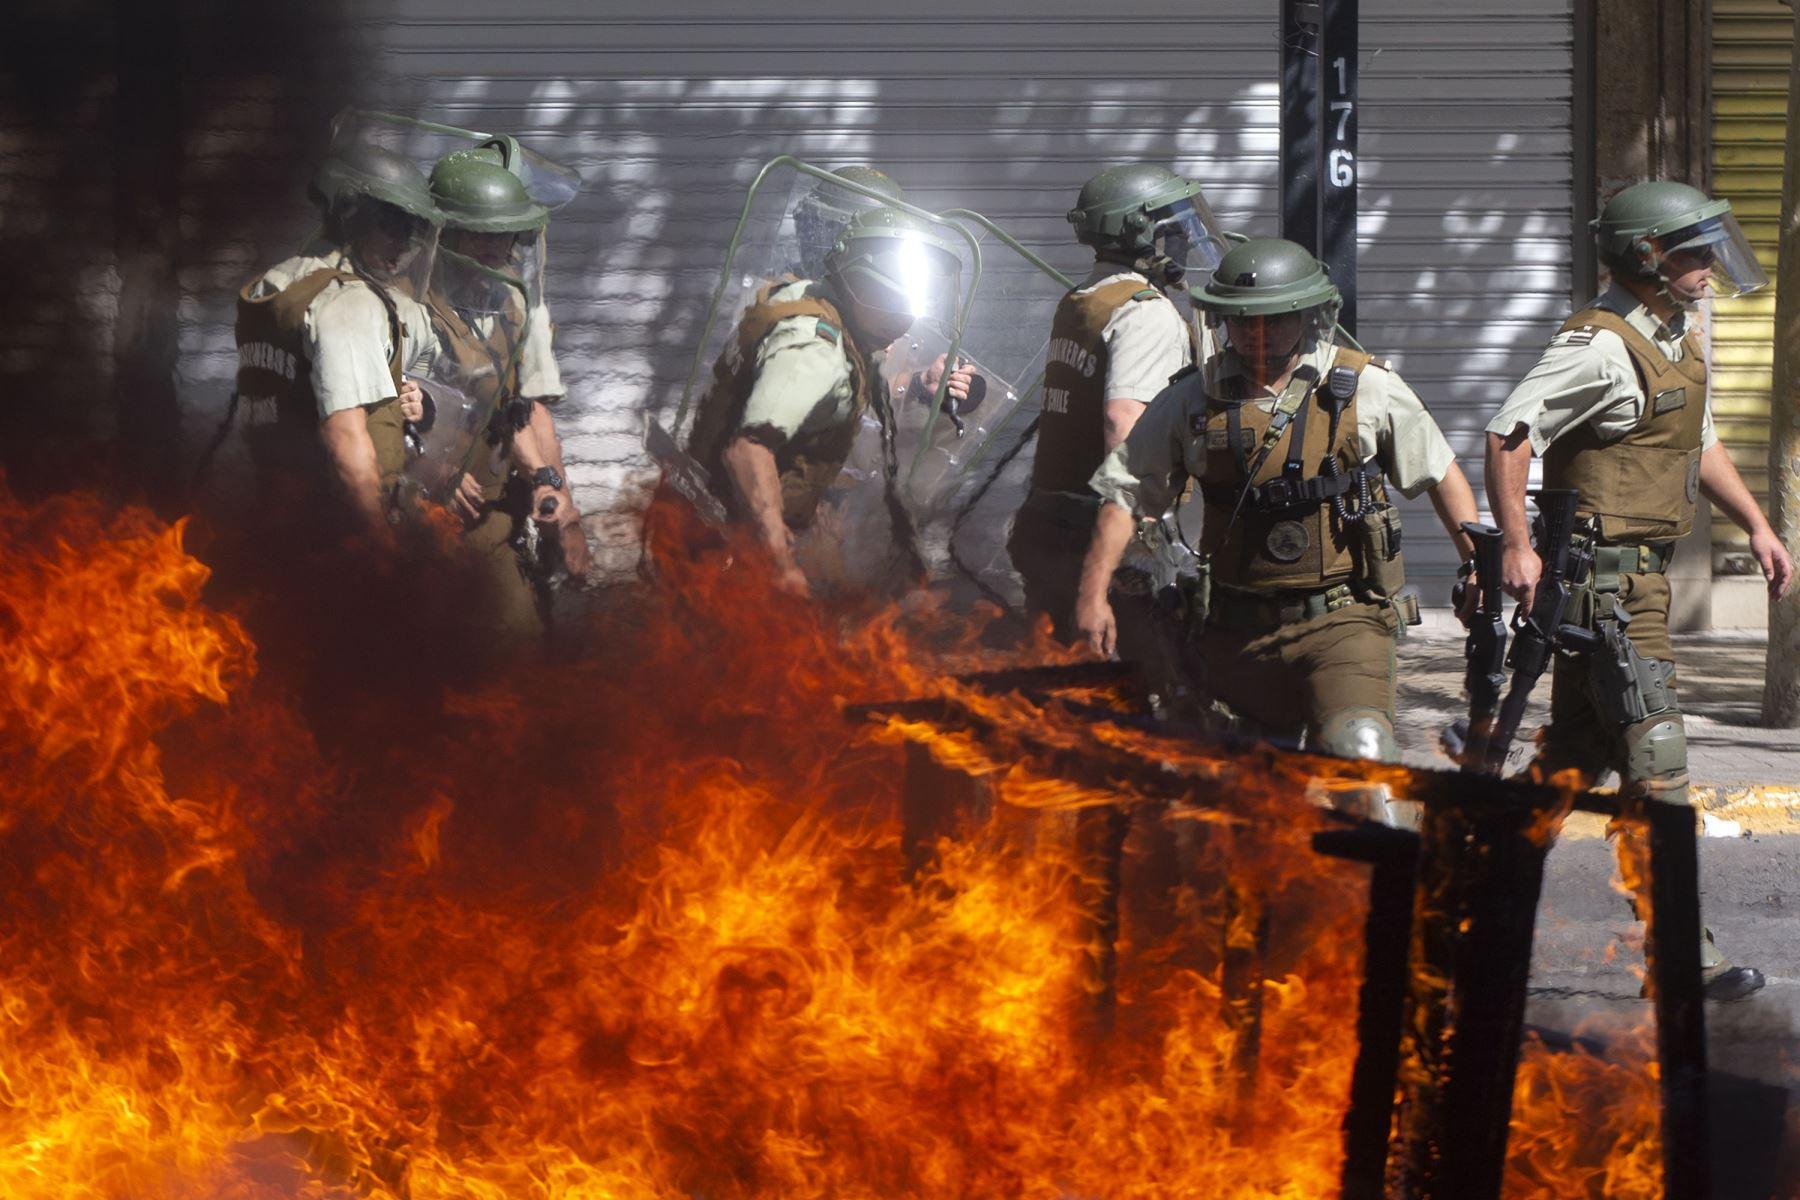 La policía antidisturbios pasó junto a una barricada en llamas durante una protesta contra las políticas económicas del gobierno en Santiago. Foto: AFP